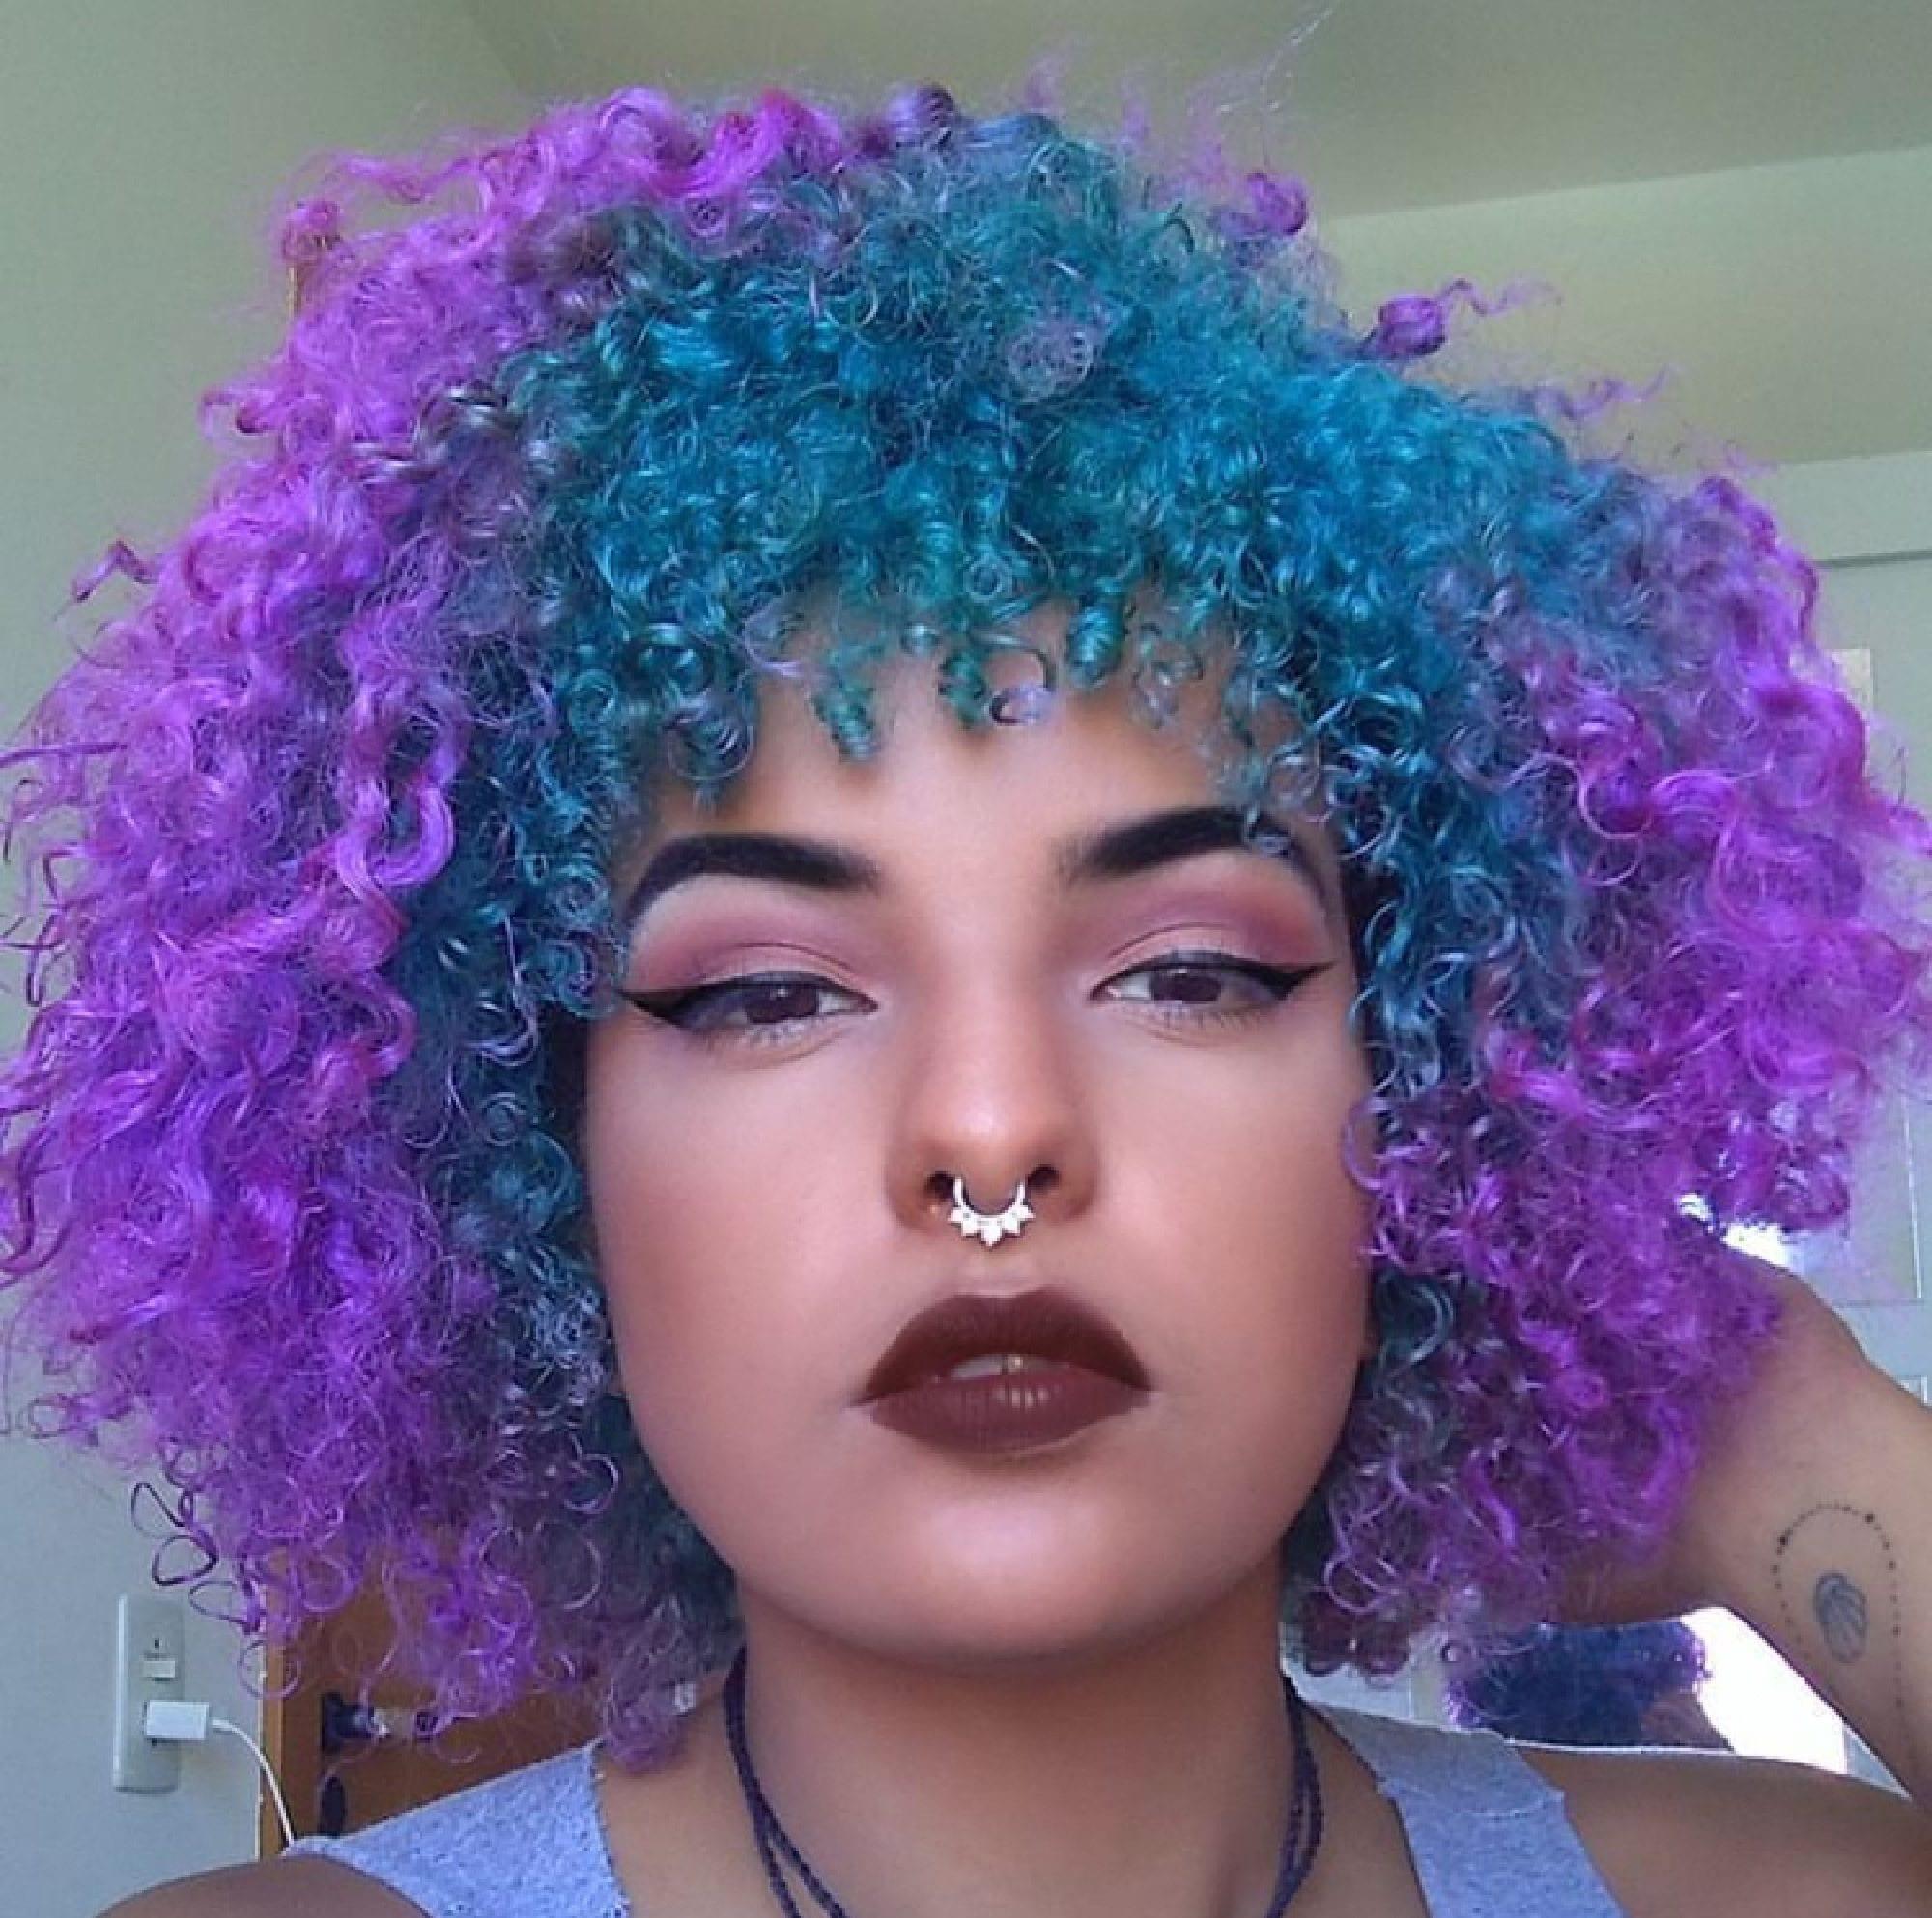 Cabelo crespo black power azul e roxo